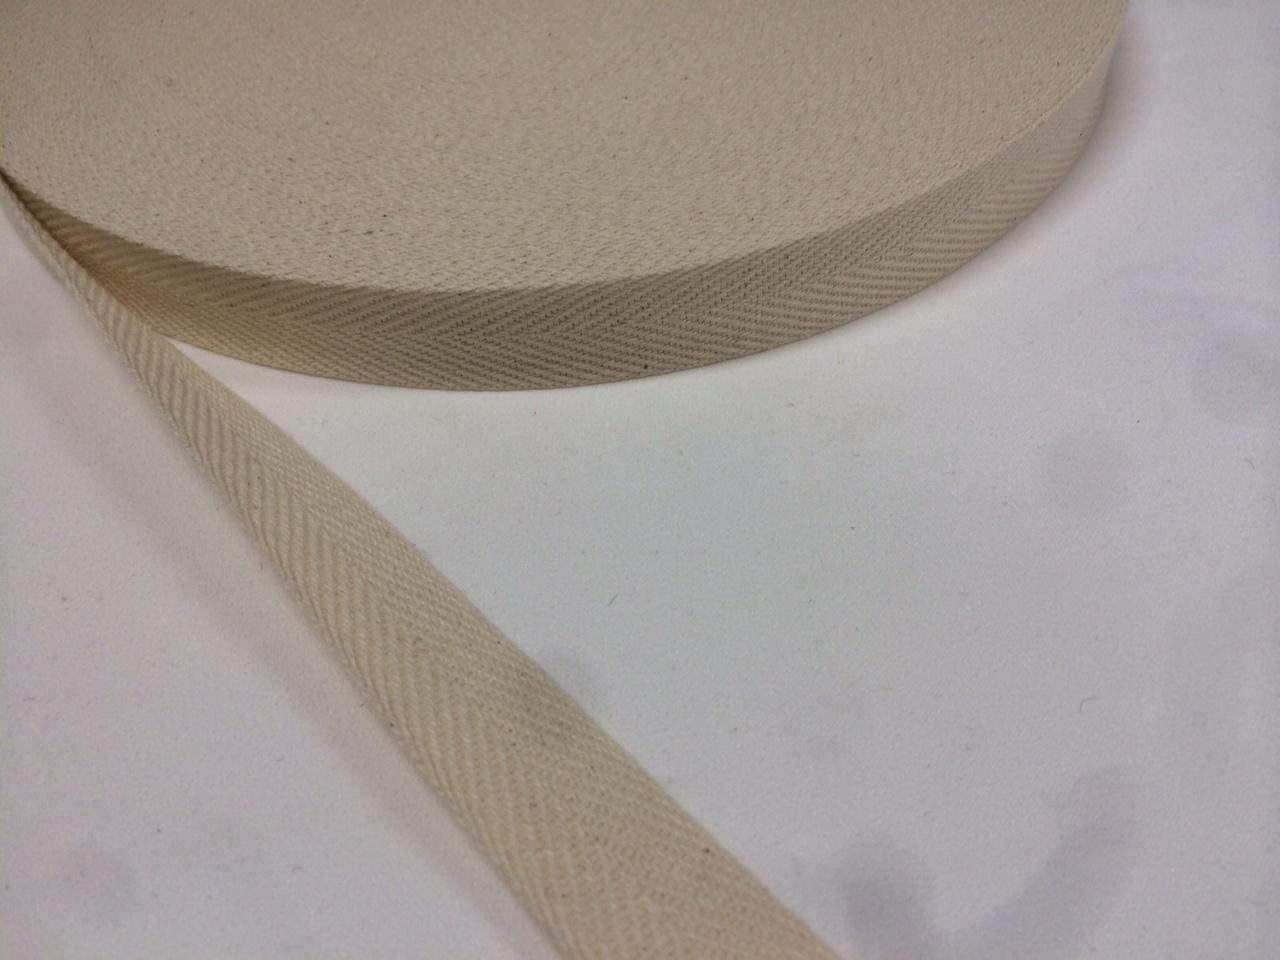 綿 コットン 杉綾 (綾テープ)二つ山 1㎜厚 50㎜幅 50m巻